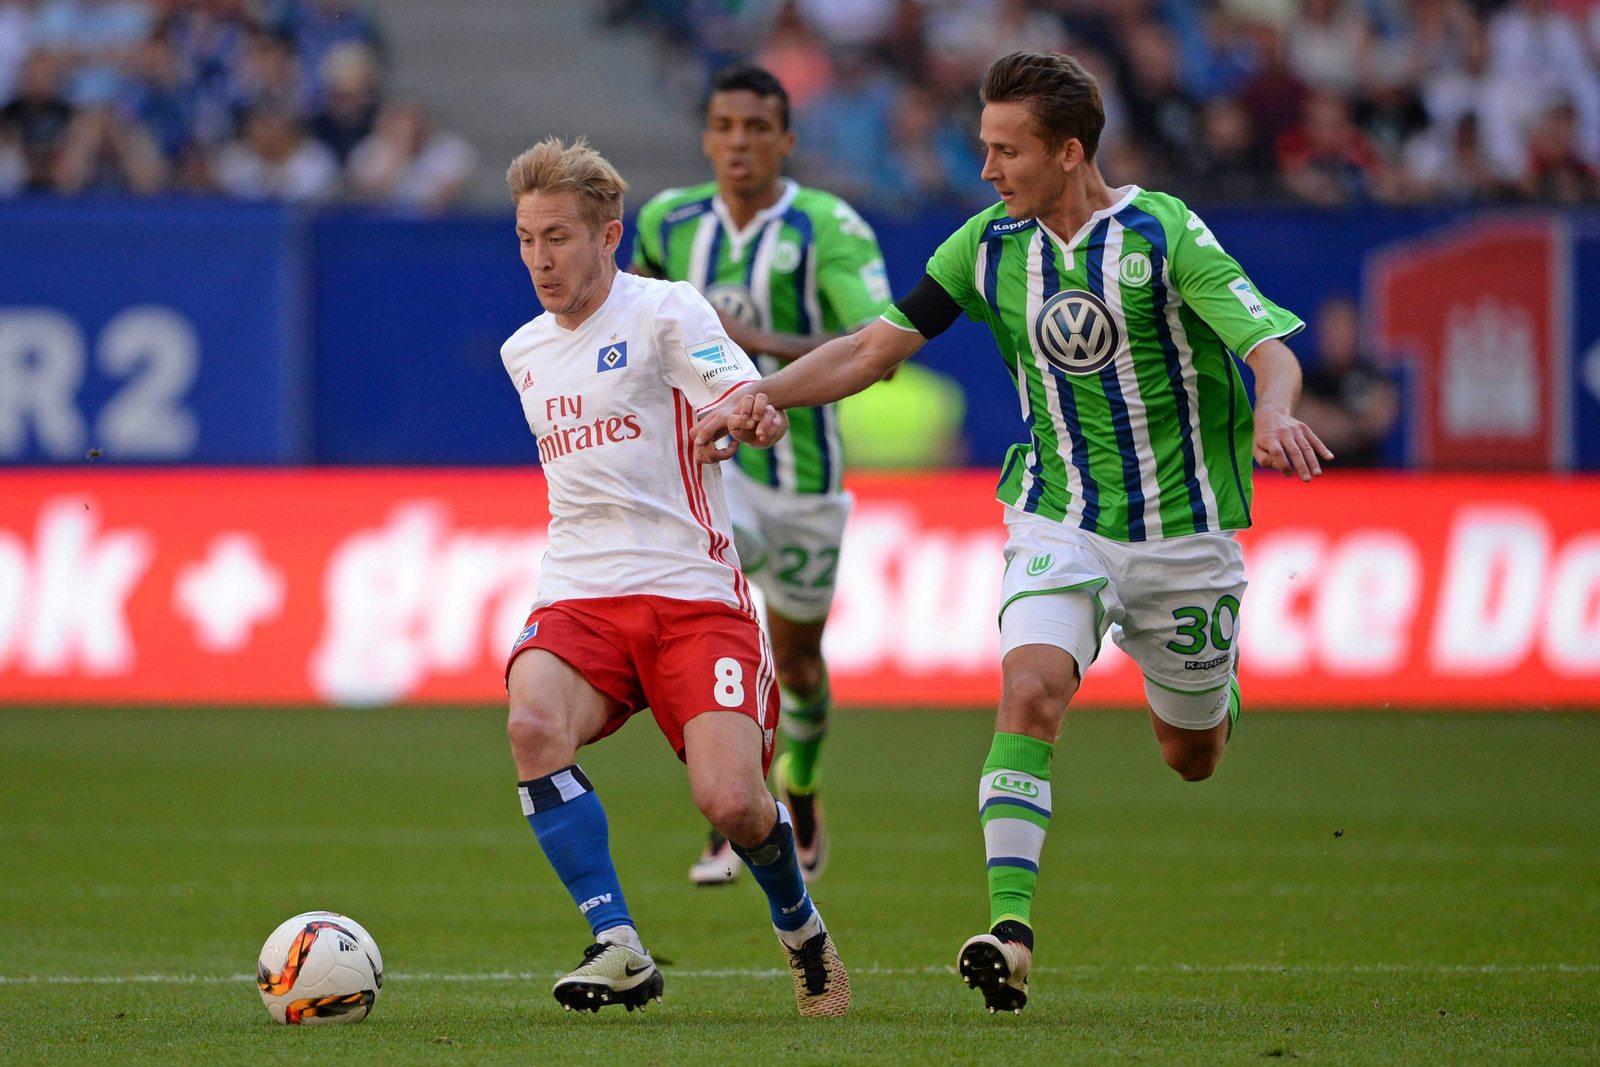 Lewis Holtby (HSV) und Paul Seguin (VfL Wolfsburg) im Duell. Jetzt auf HSV gegen Wolfsburg wetten!